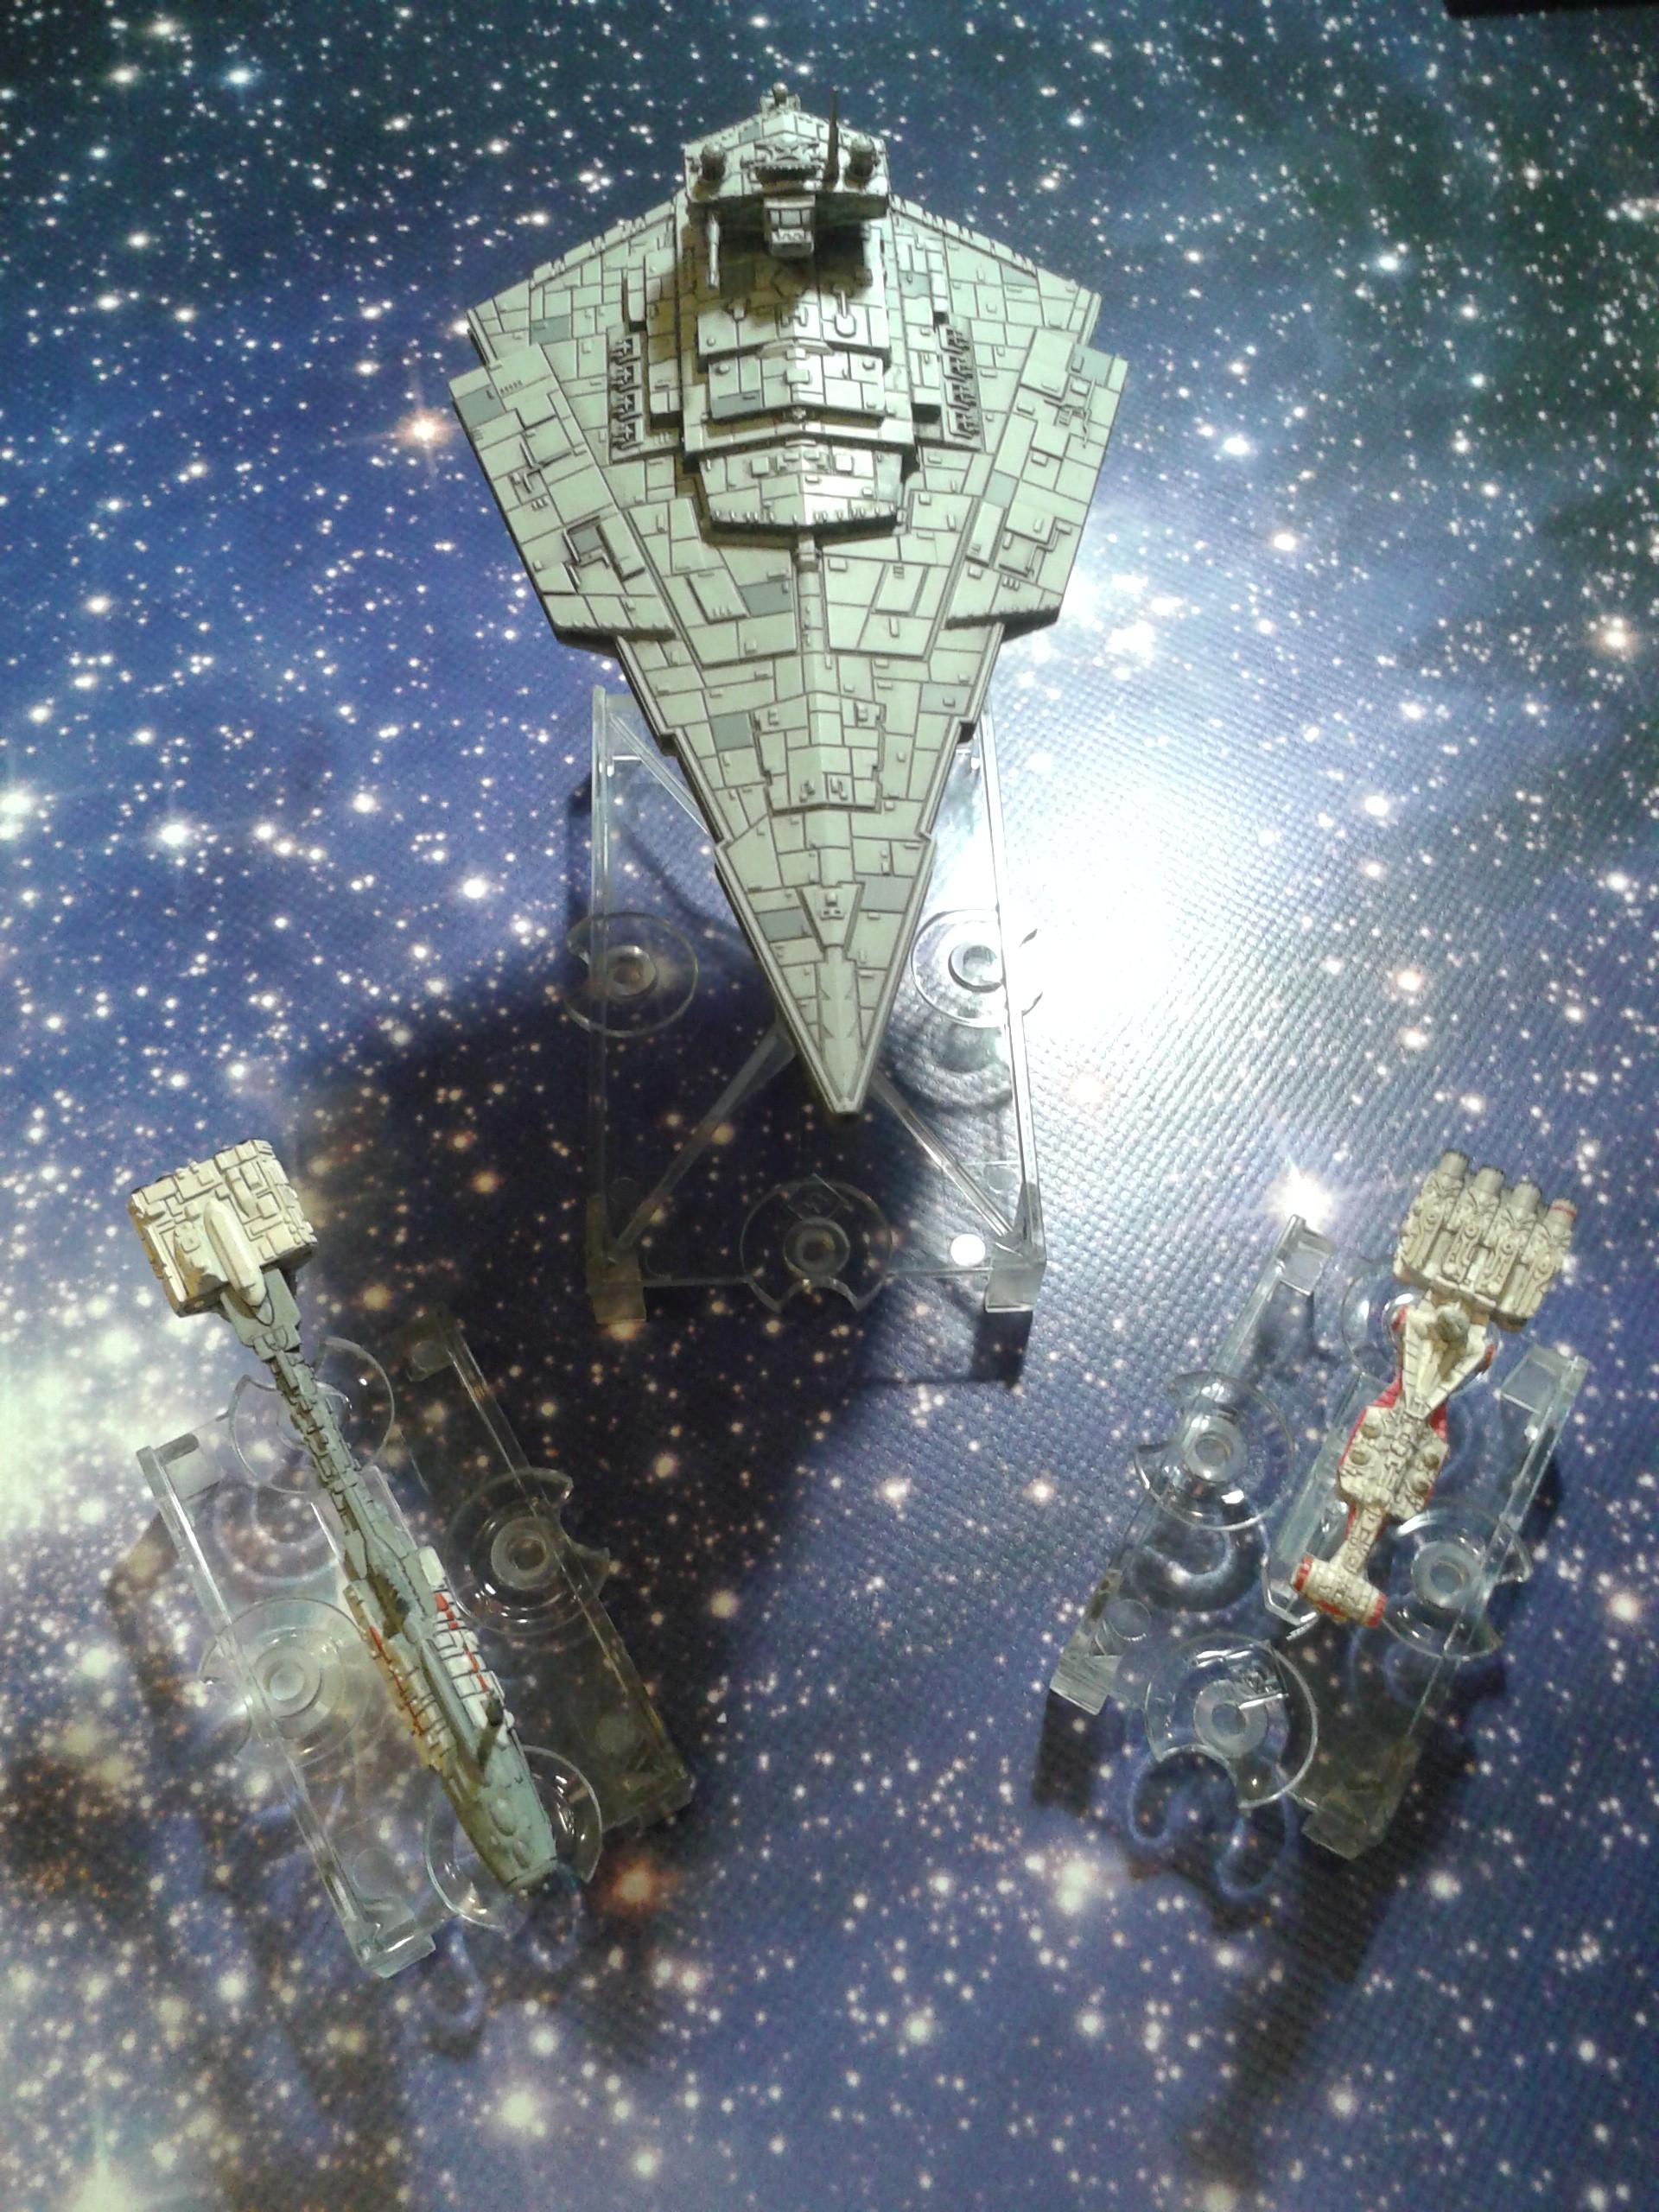 [FFG] Star Wars Armada (Neues Miniaturenspiel) - Seite 2 20150328_011007-e1427532613641